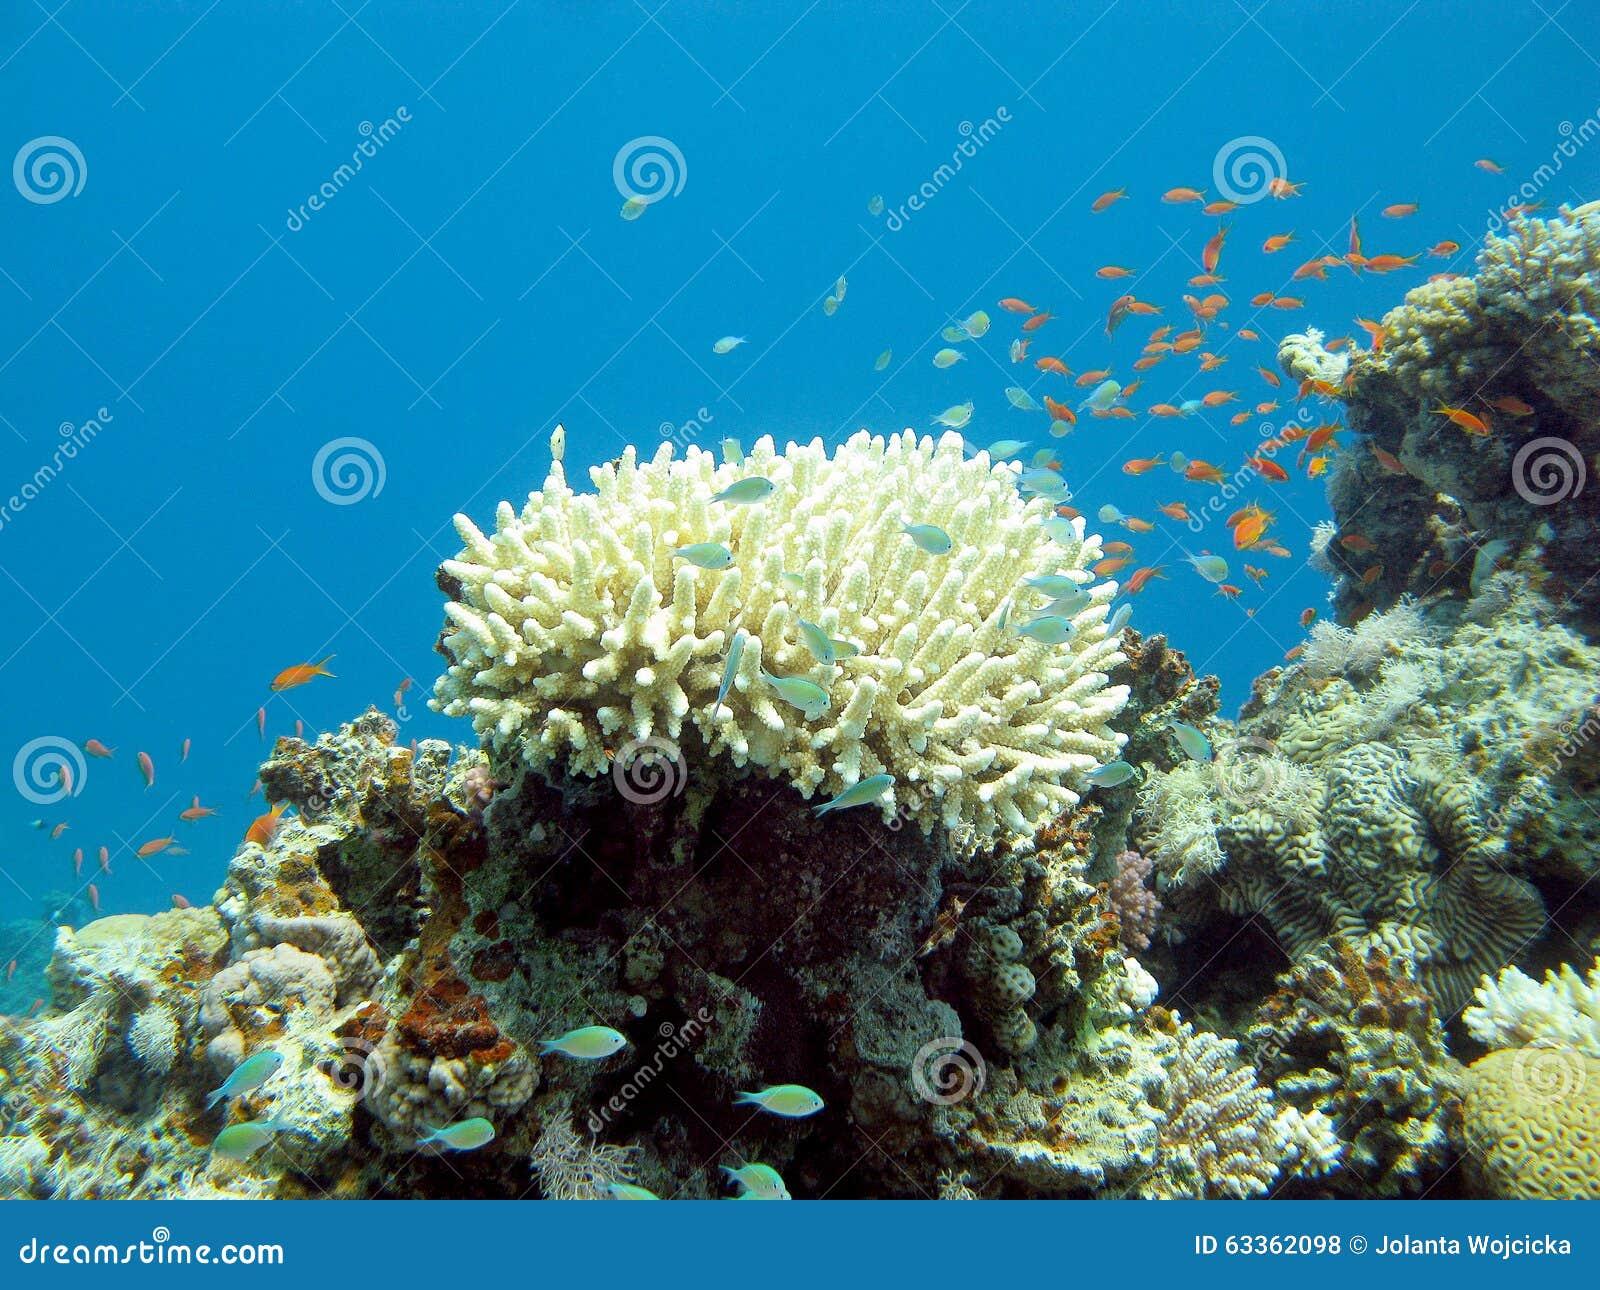 Κοραλλιογενής ύφαλος με τα εξωτικά ψάρια στην τροπική θάλασσα, υποβρύχια